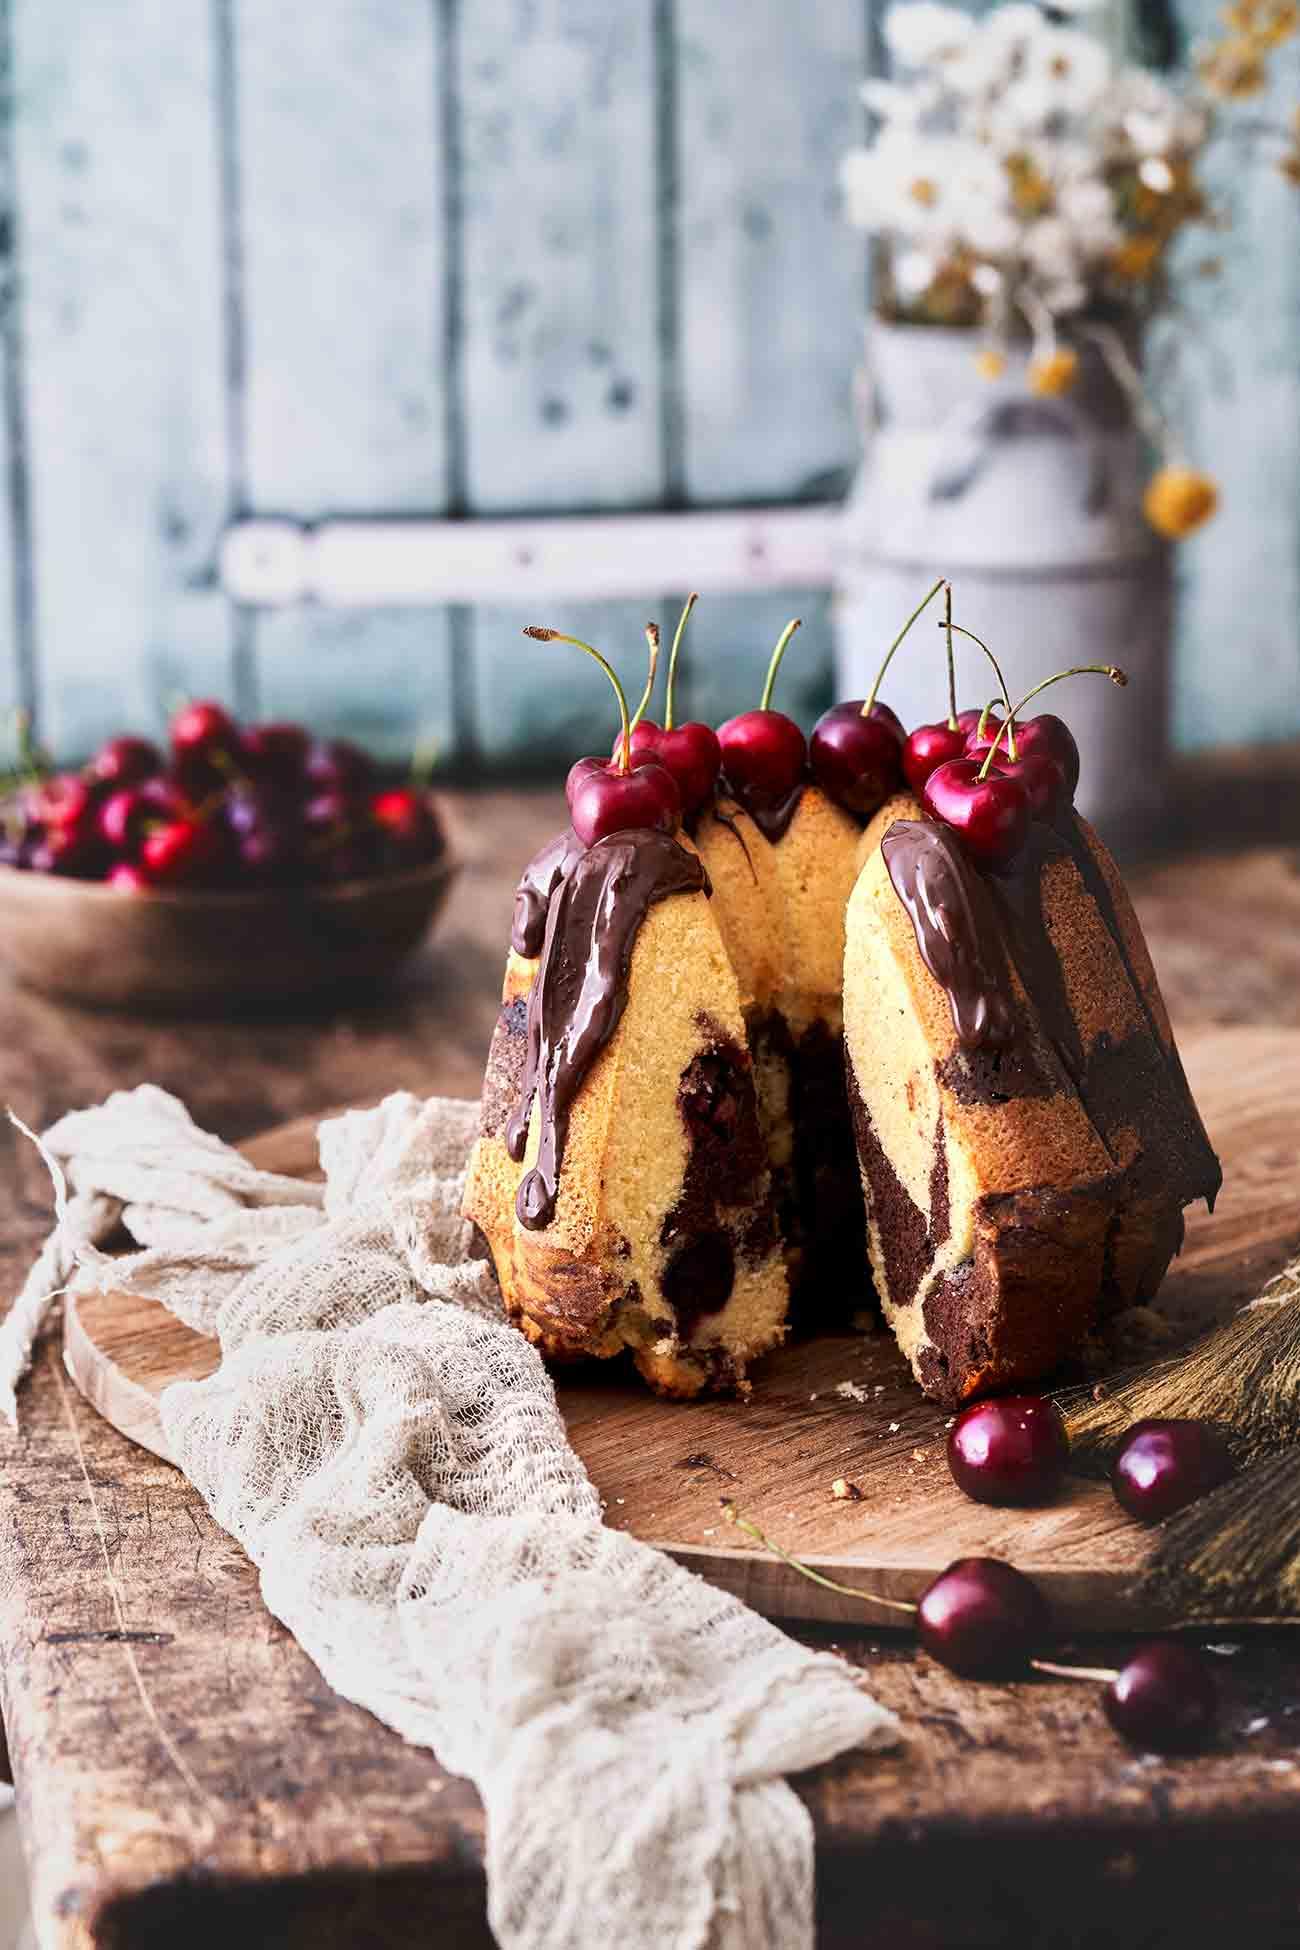 Es kann noch so warm sein, Kuchen wird bei mir trotzdem gebacken. Und dieser Gugelhupf á la Schwarzwälder Kirsch ist es einfach wert, vor dem Backofen zu schwitzen. Ich wünsche euch ganz viel Abkühlung und einen tollen Freitag.